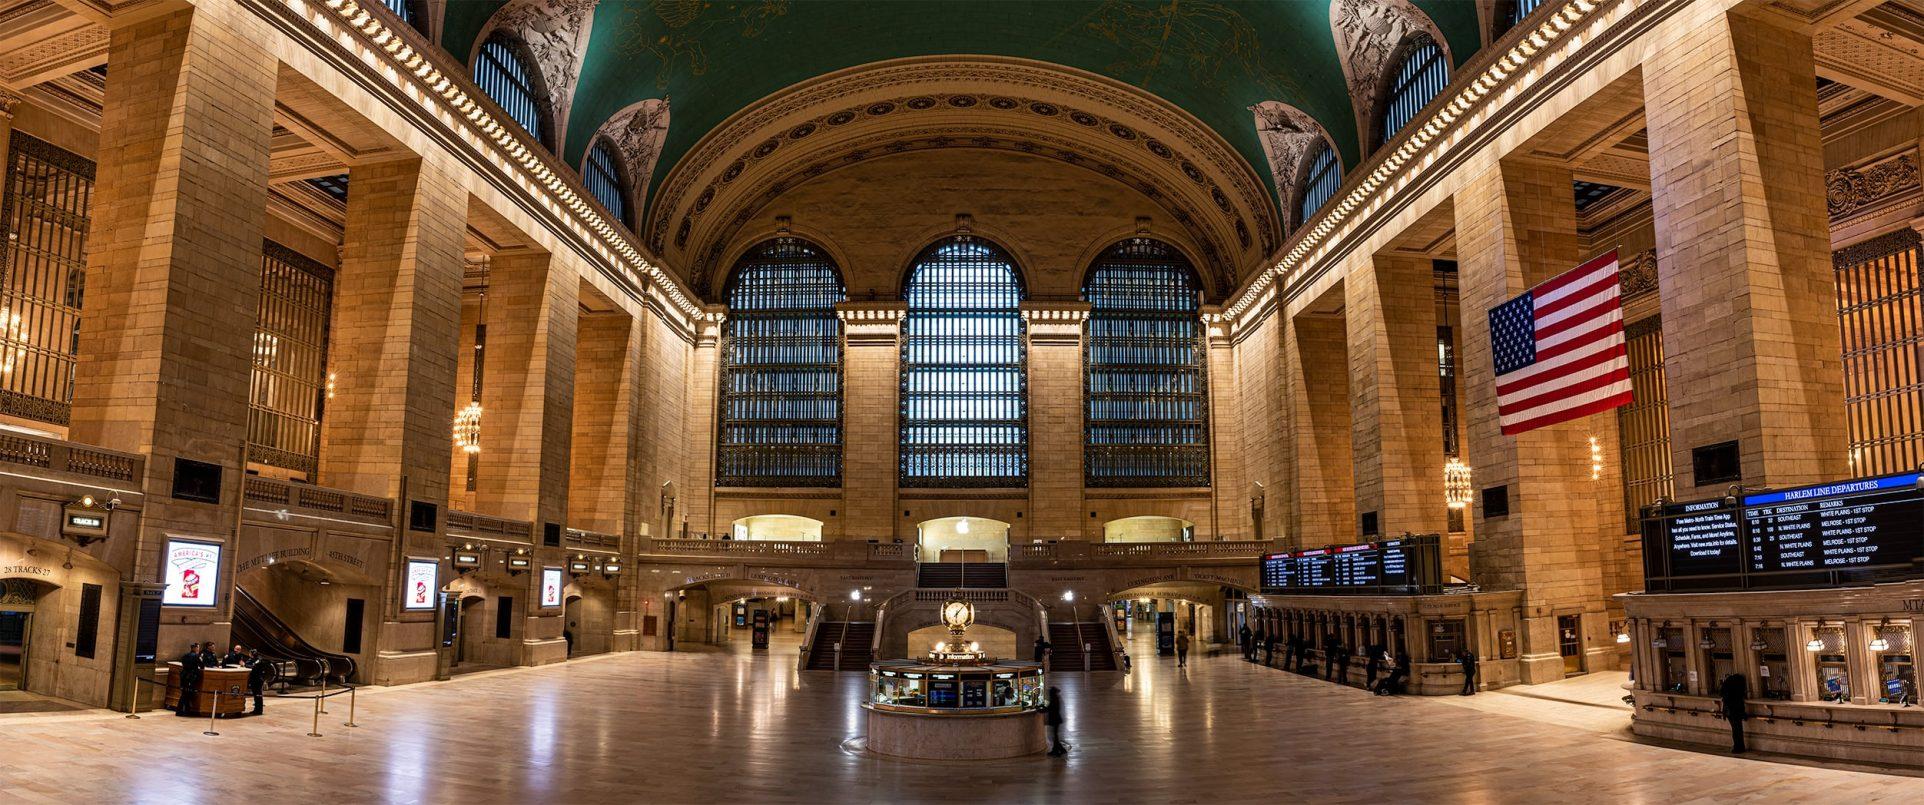 Empty Grand Central